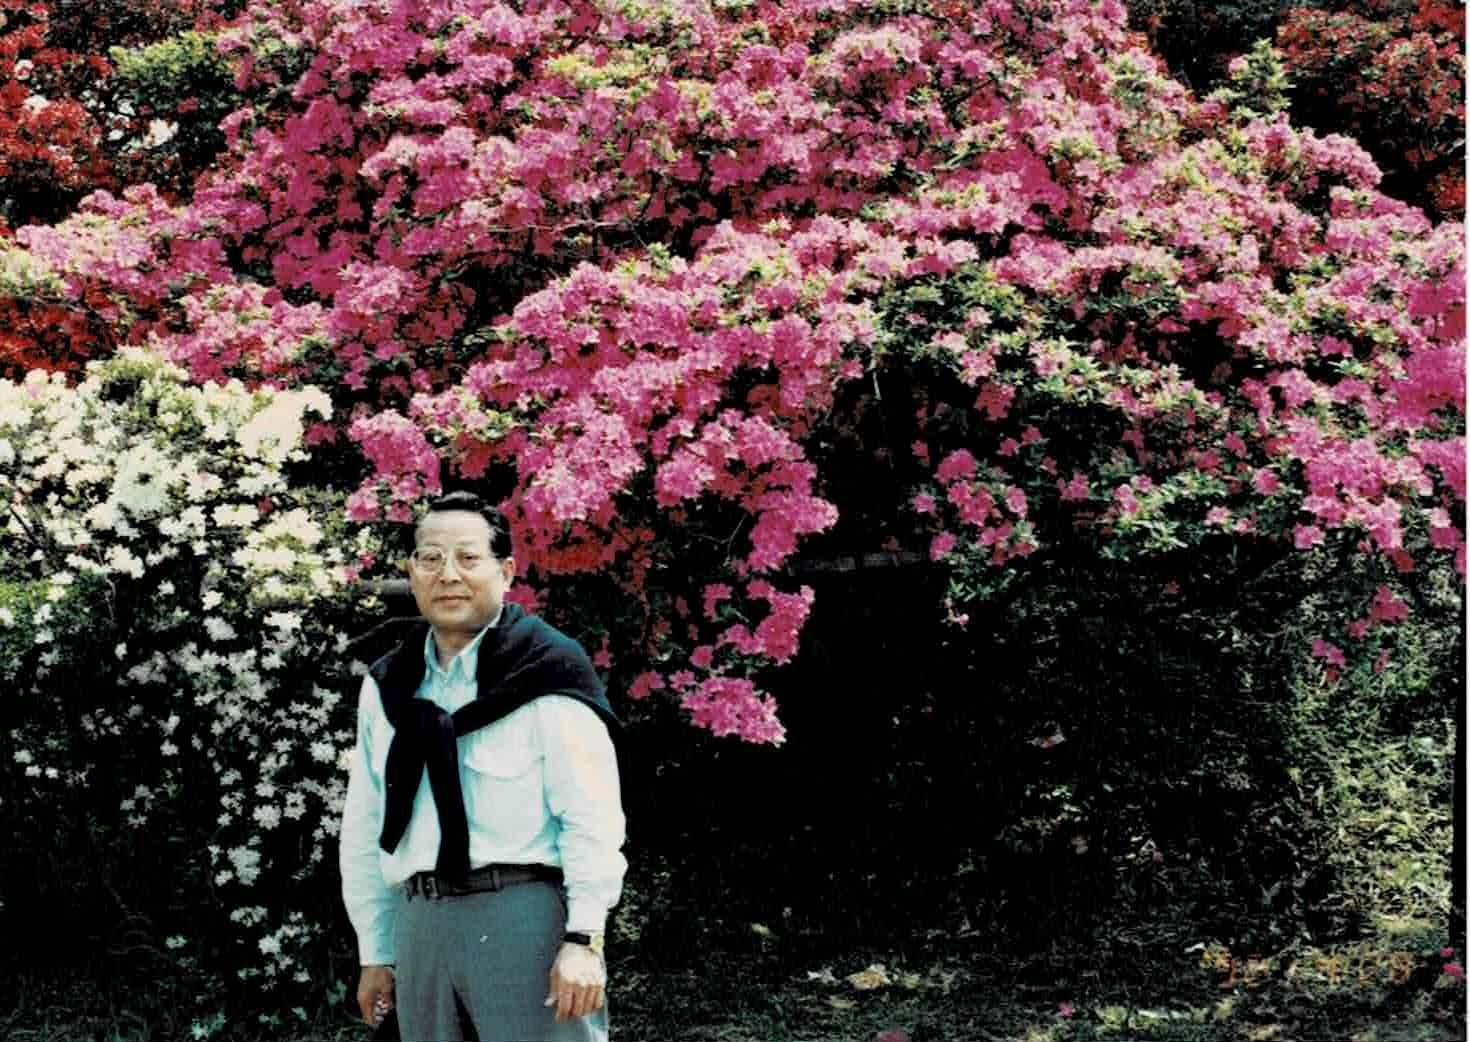 2019年7月26日  土浦市社会福祉施設長嶺ふれあい30周年 土浦電子従業員館林つつじ見に_d0249595_13493569.jpg